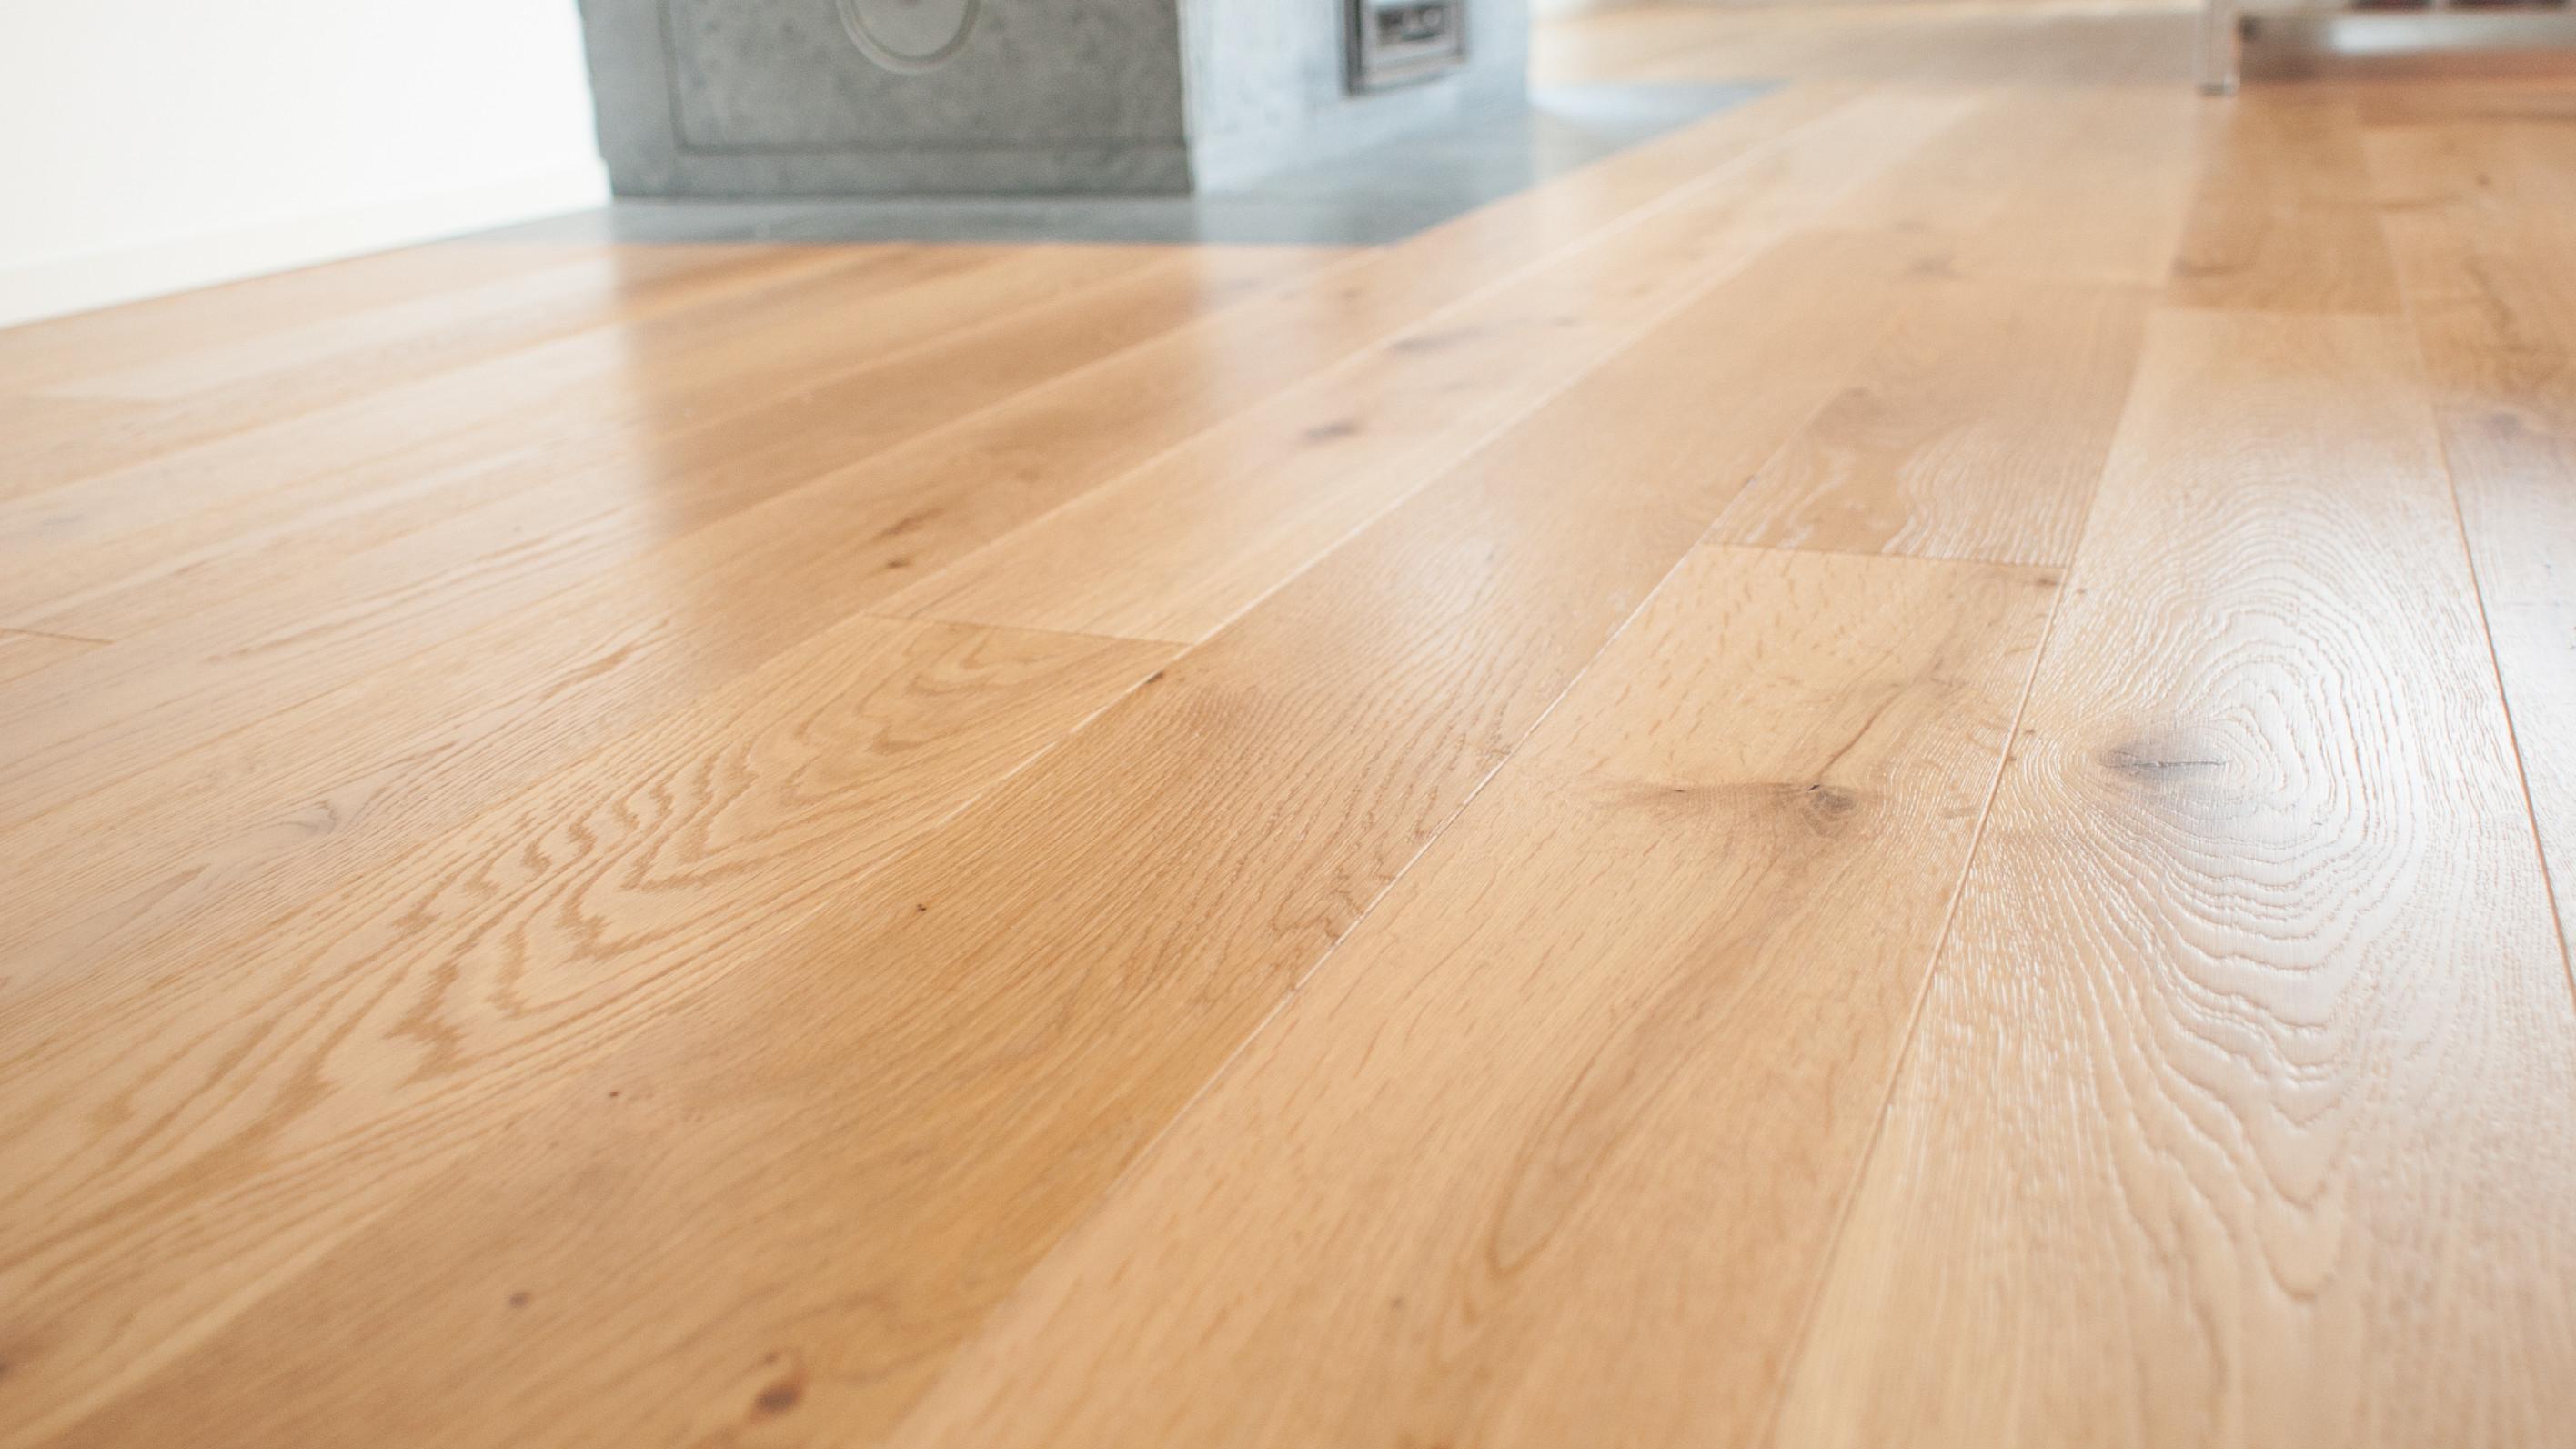 Pavimento Incollato Sul Vecchio pavimento in legno posato su vecchie piastrelle